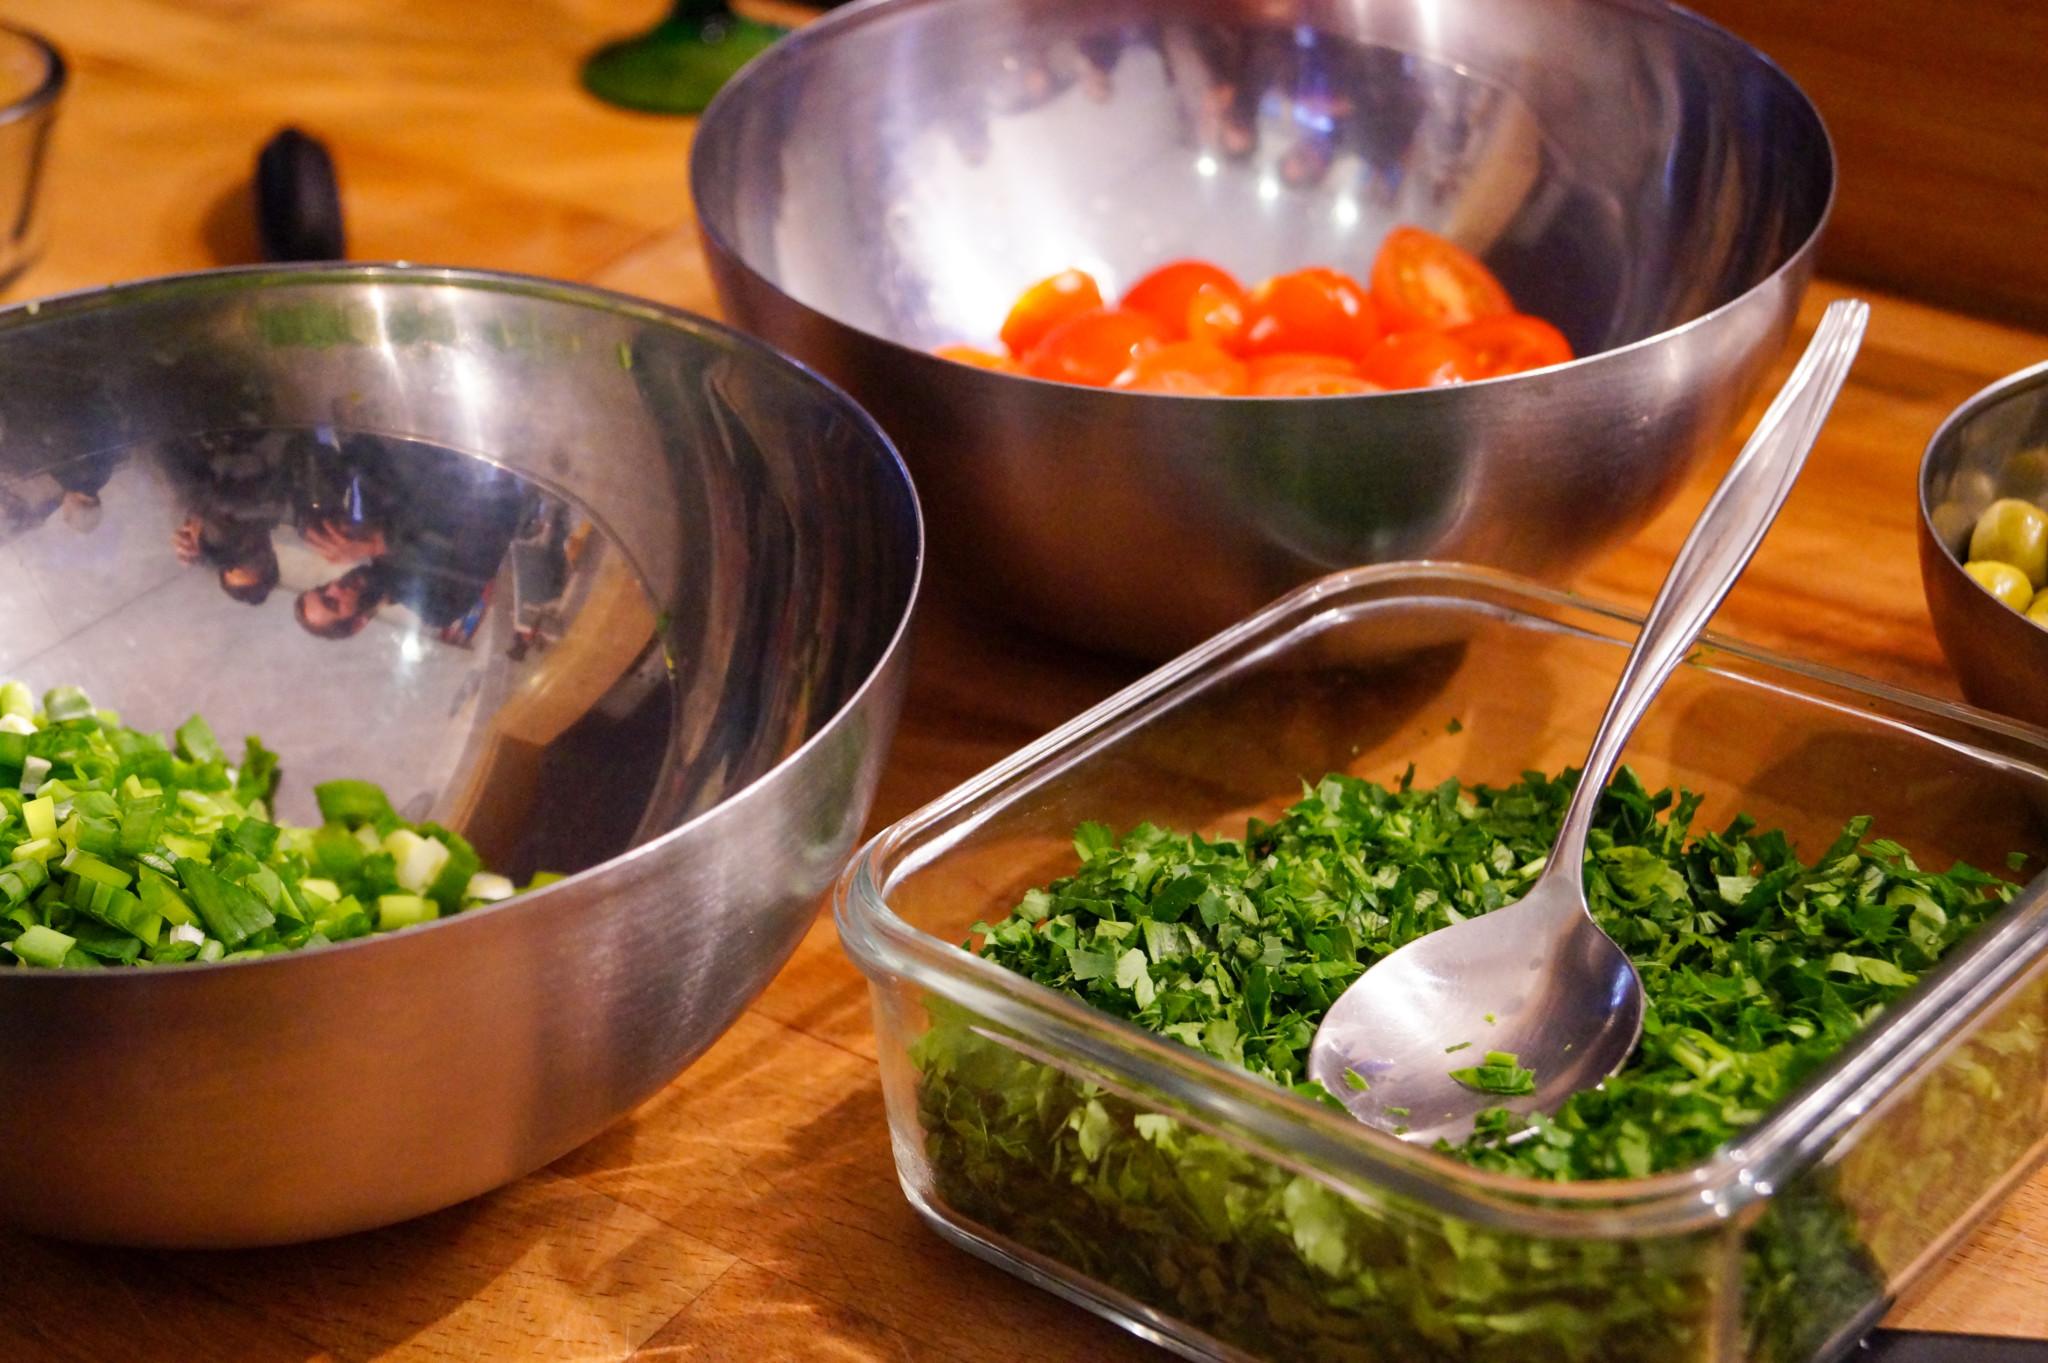 Hol dir die Welt nach Hause und koche ferne Gerichte